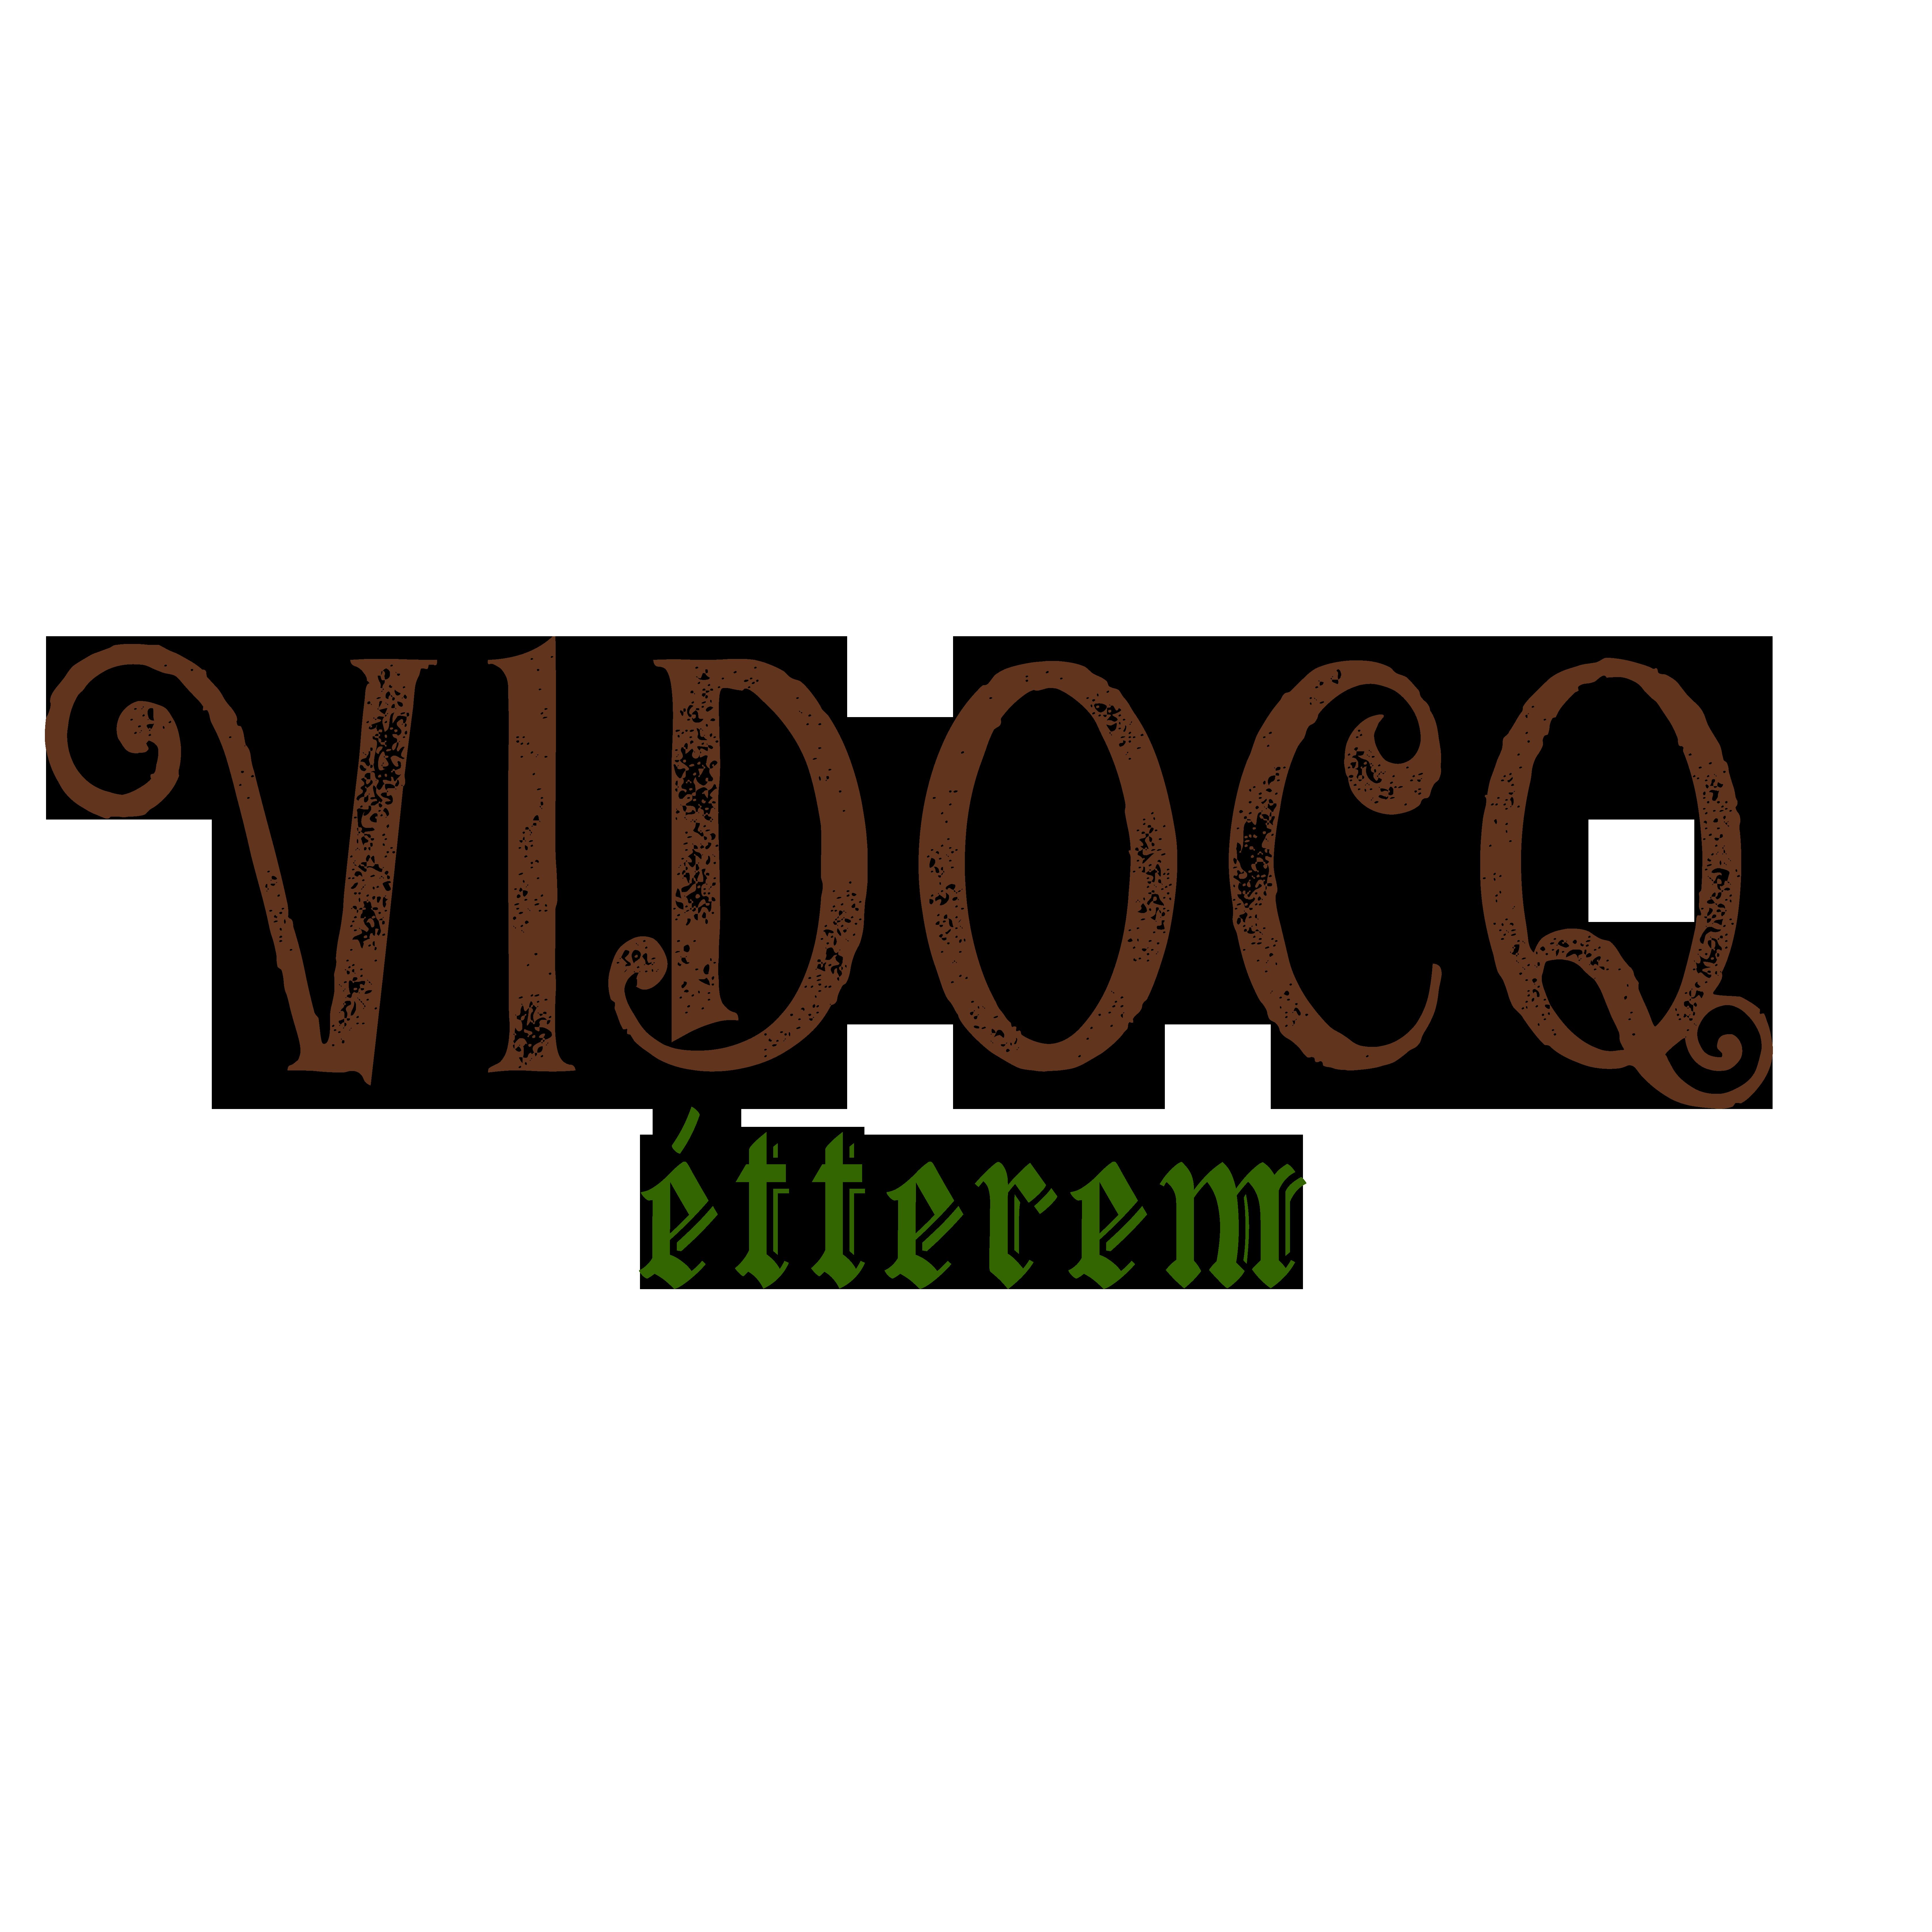 Vidocq Étterem